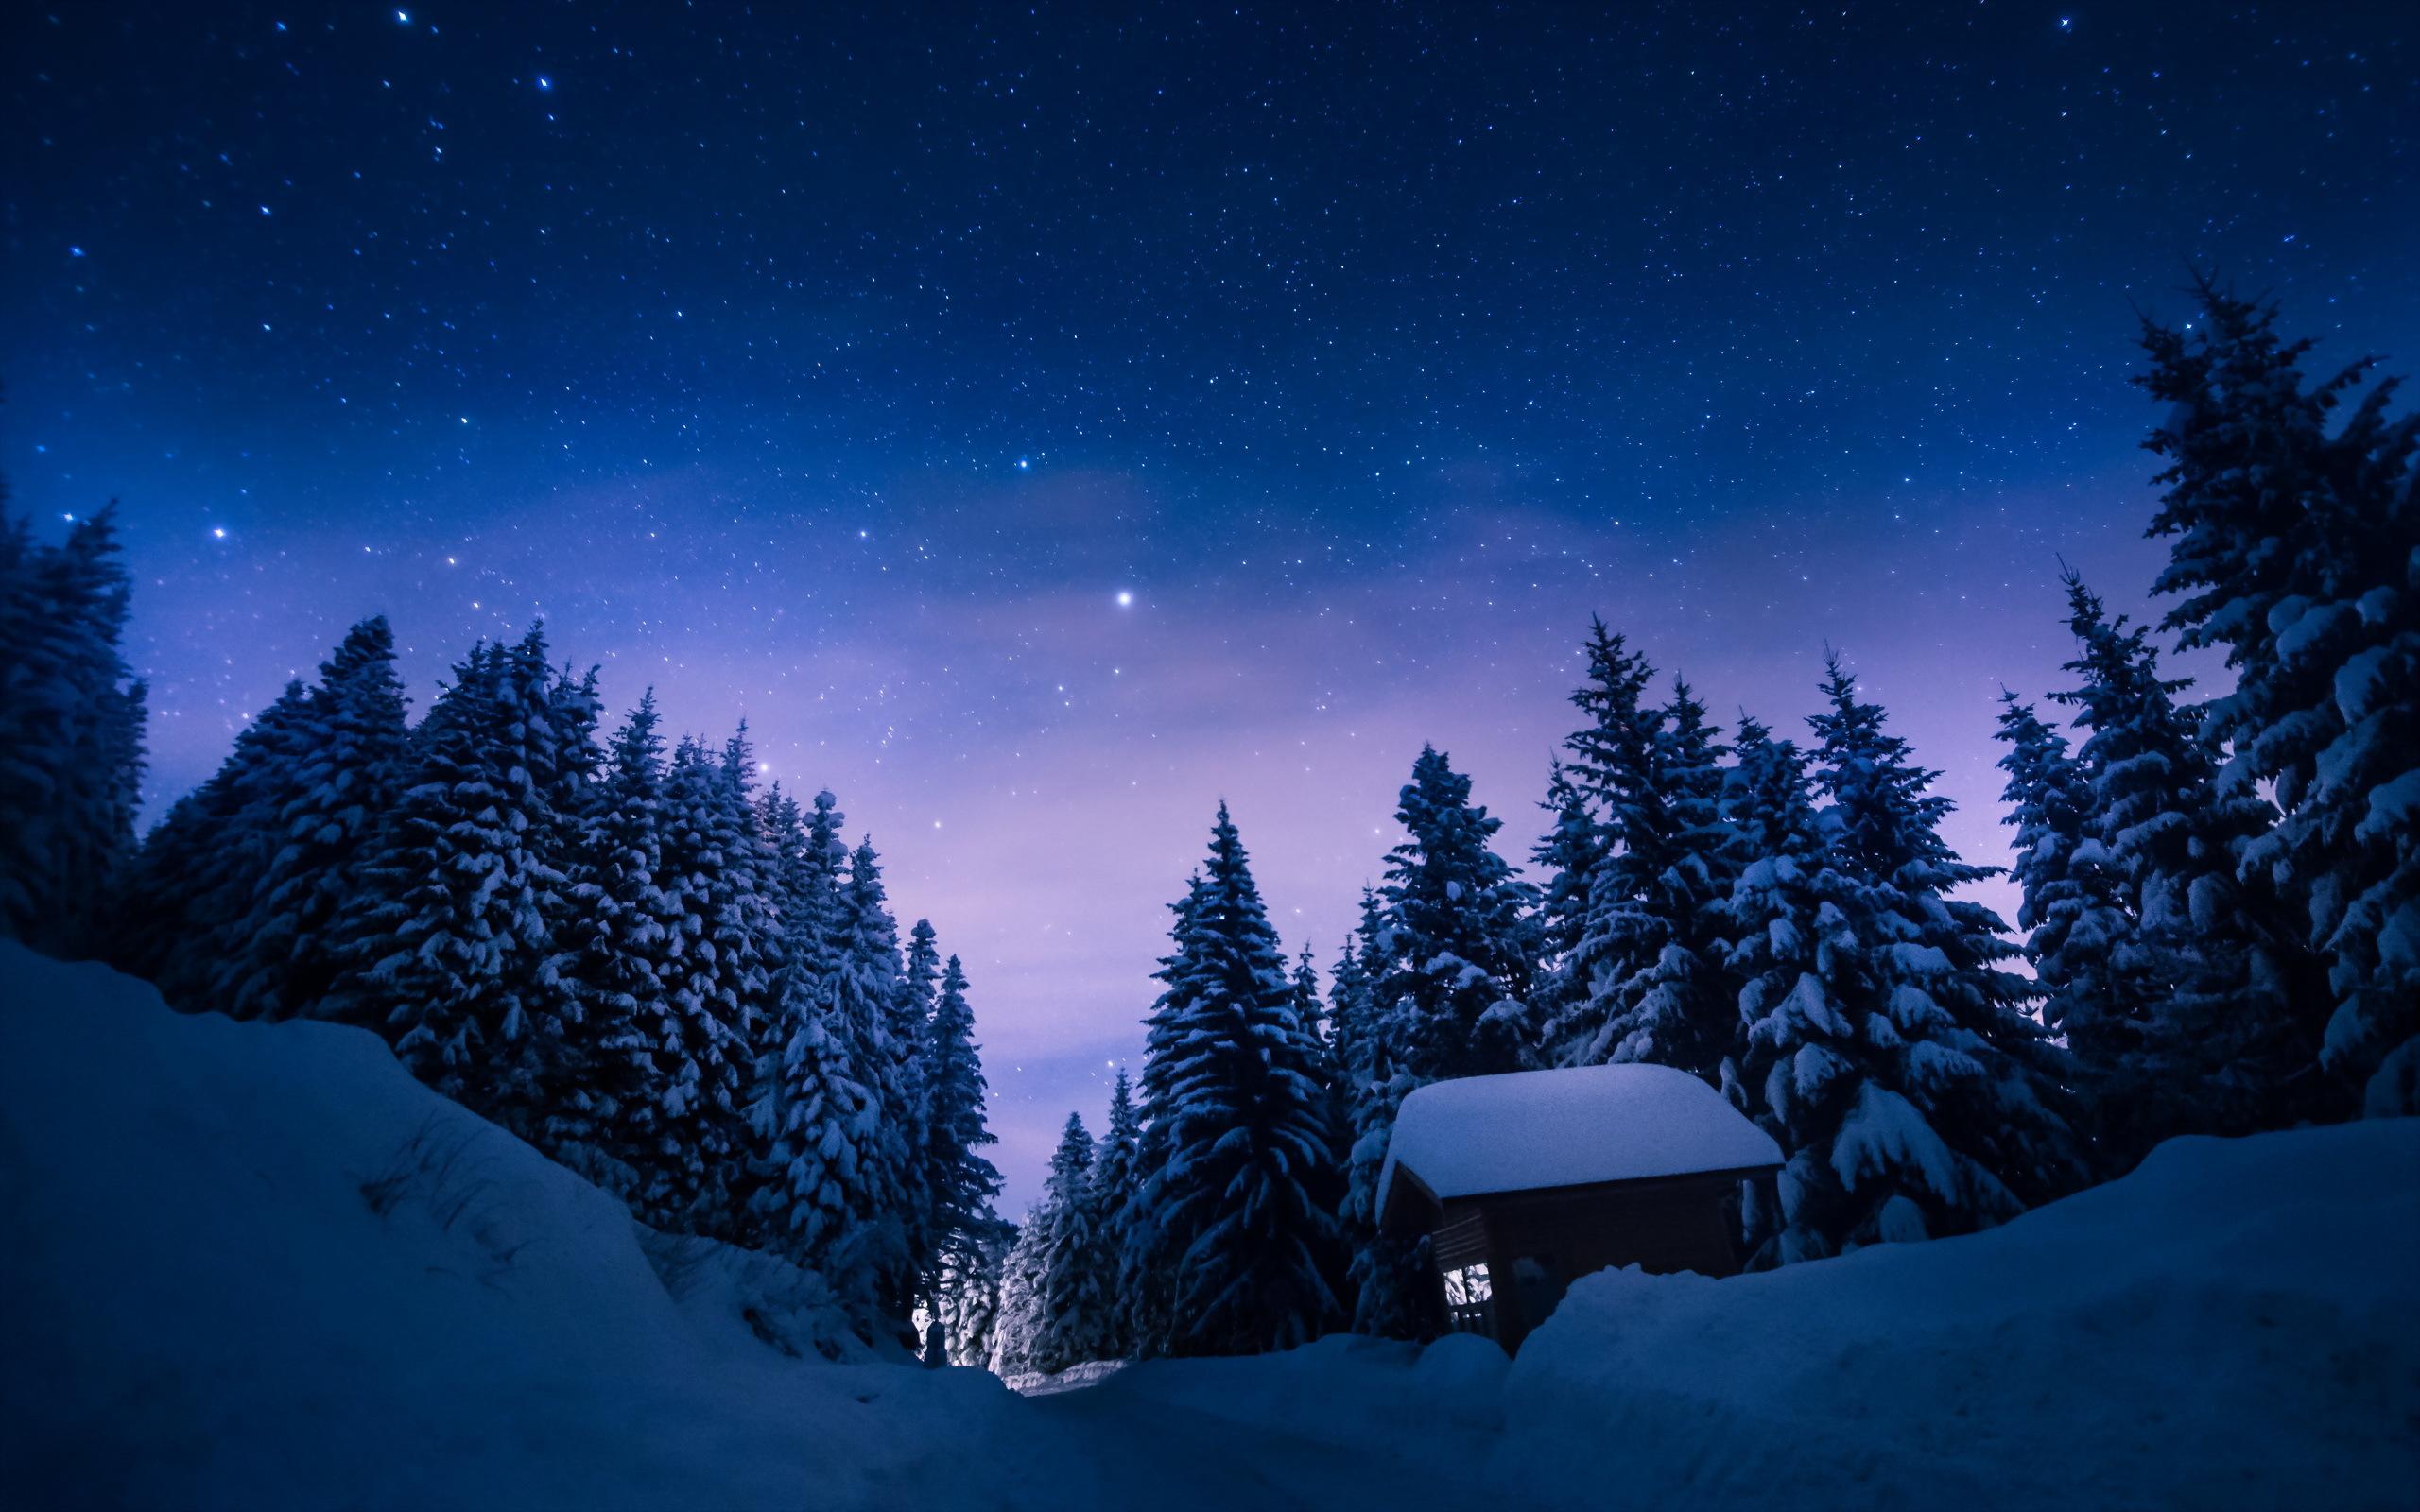 освященному архиерейскому картинки на рабочий стол ночная зима военную